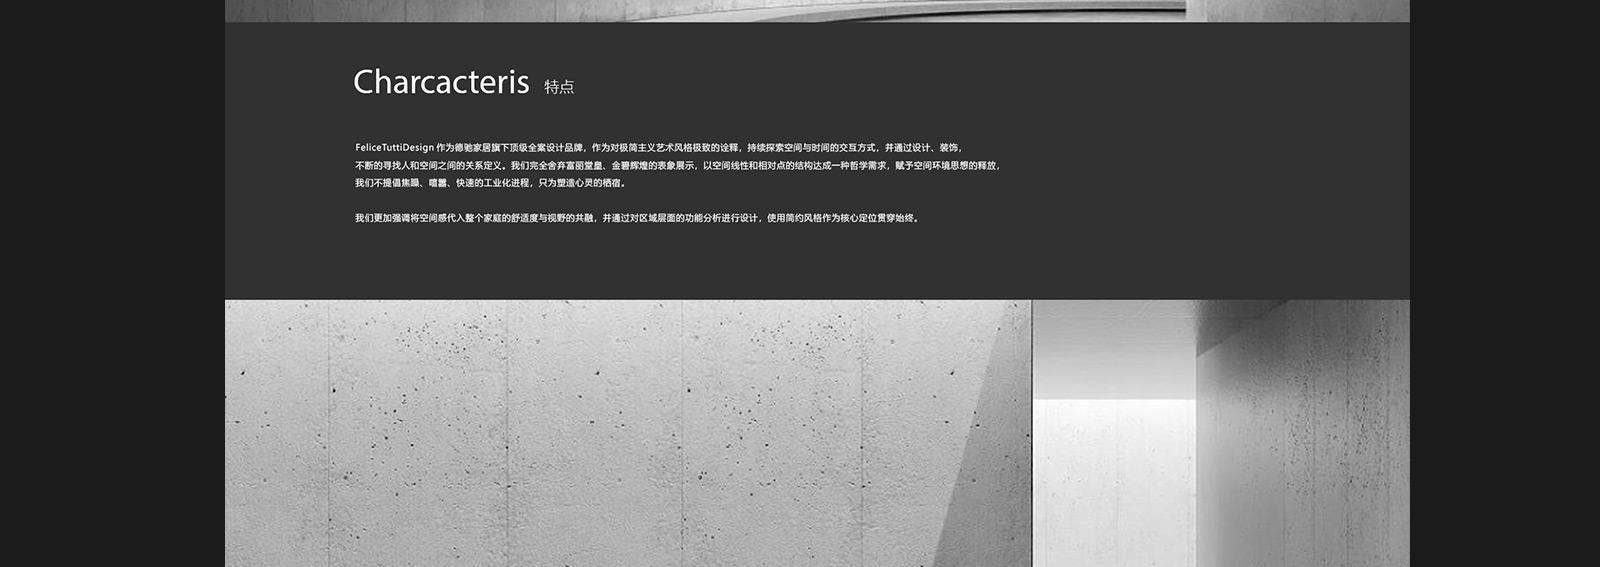 德驰案例展示_09.jpg